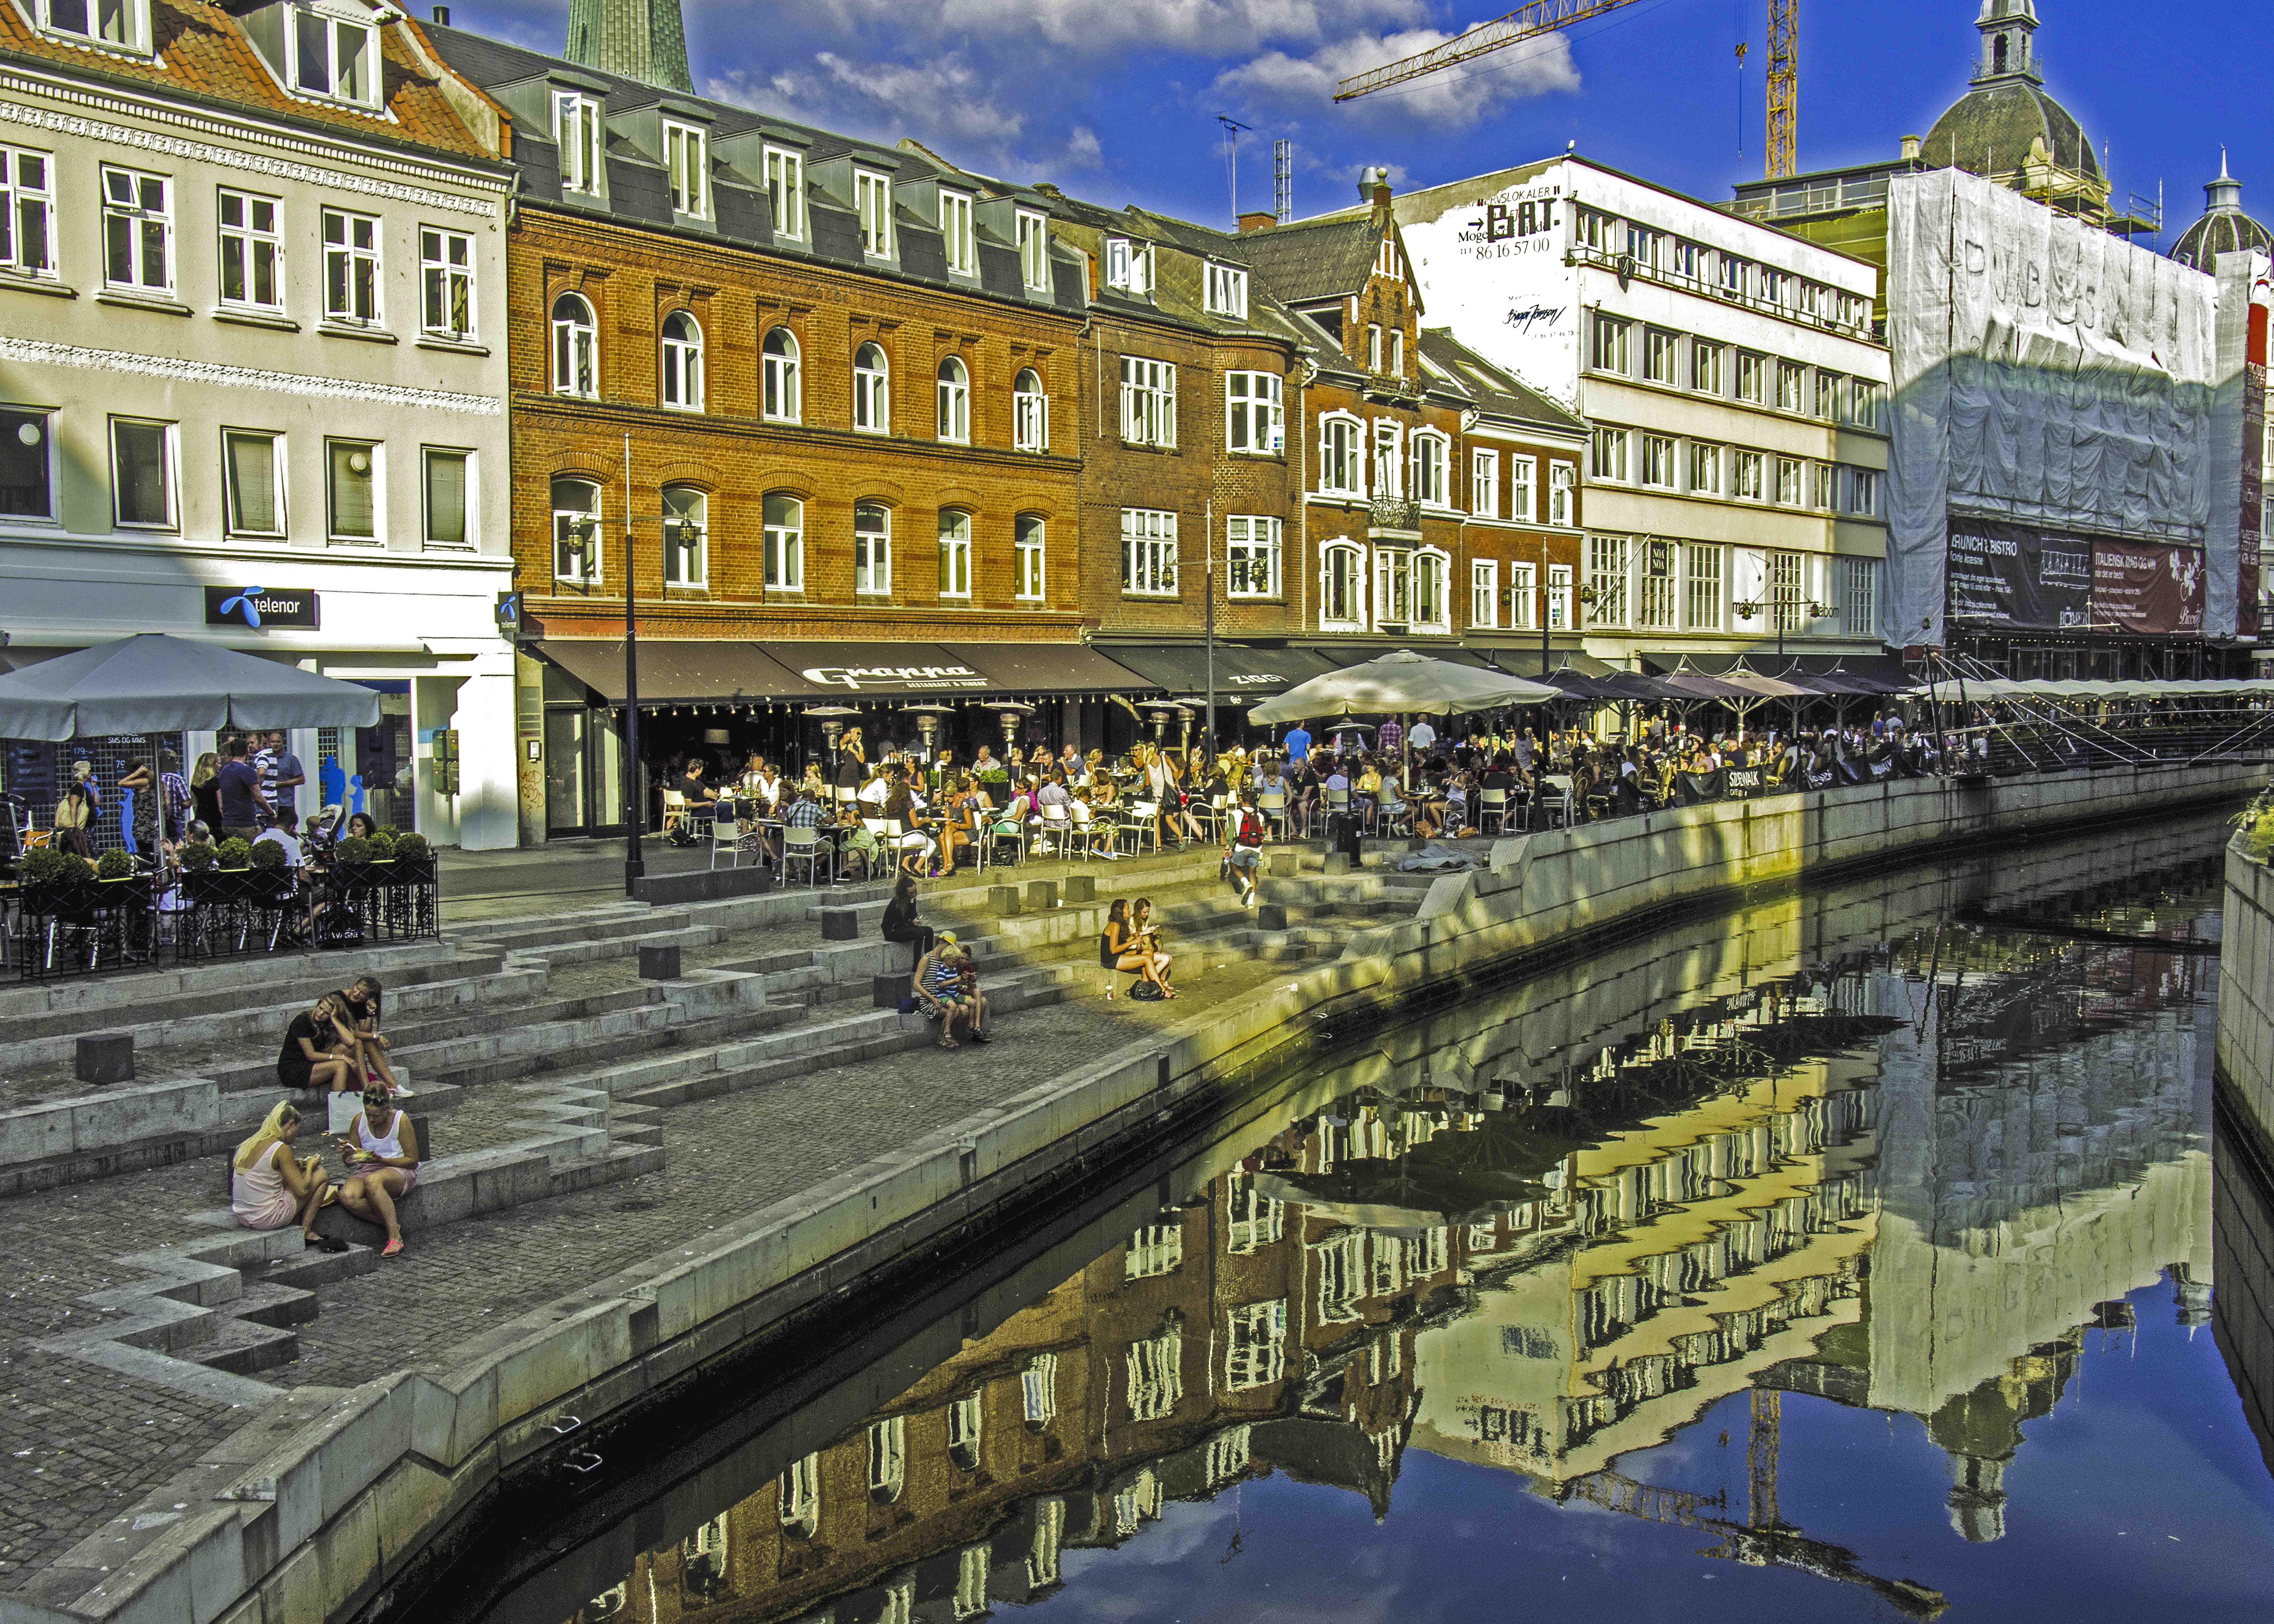 Prachtvolle Stadtkulisse am ≈boulevarden der Stadt Aarhus